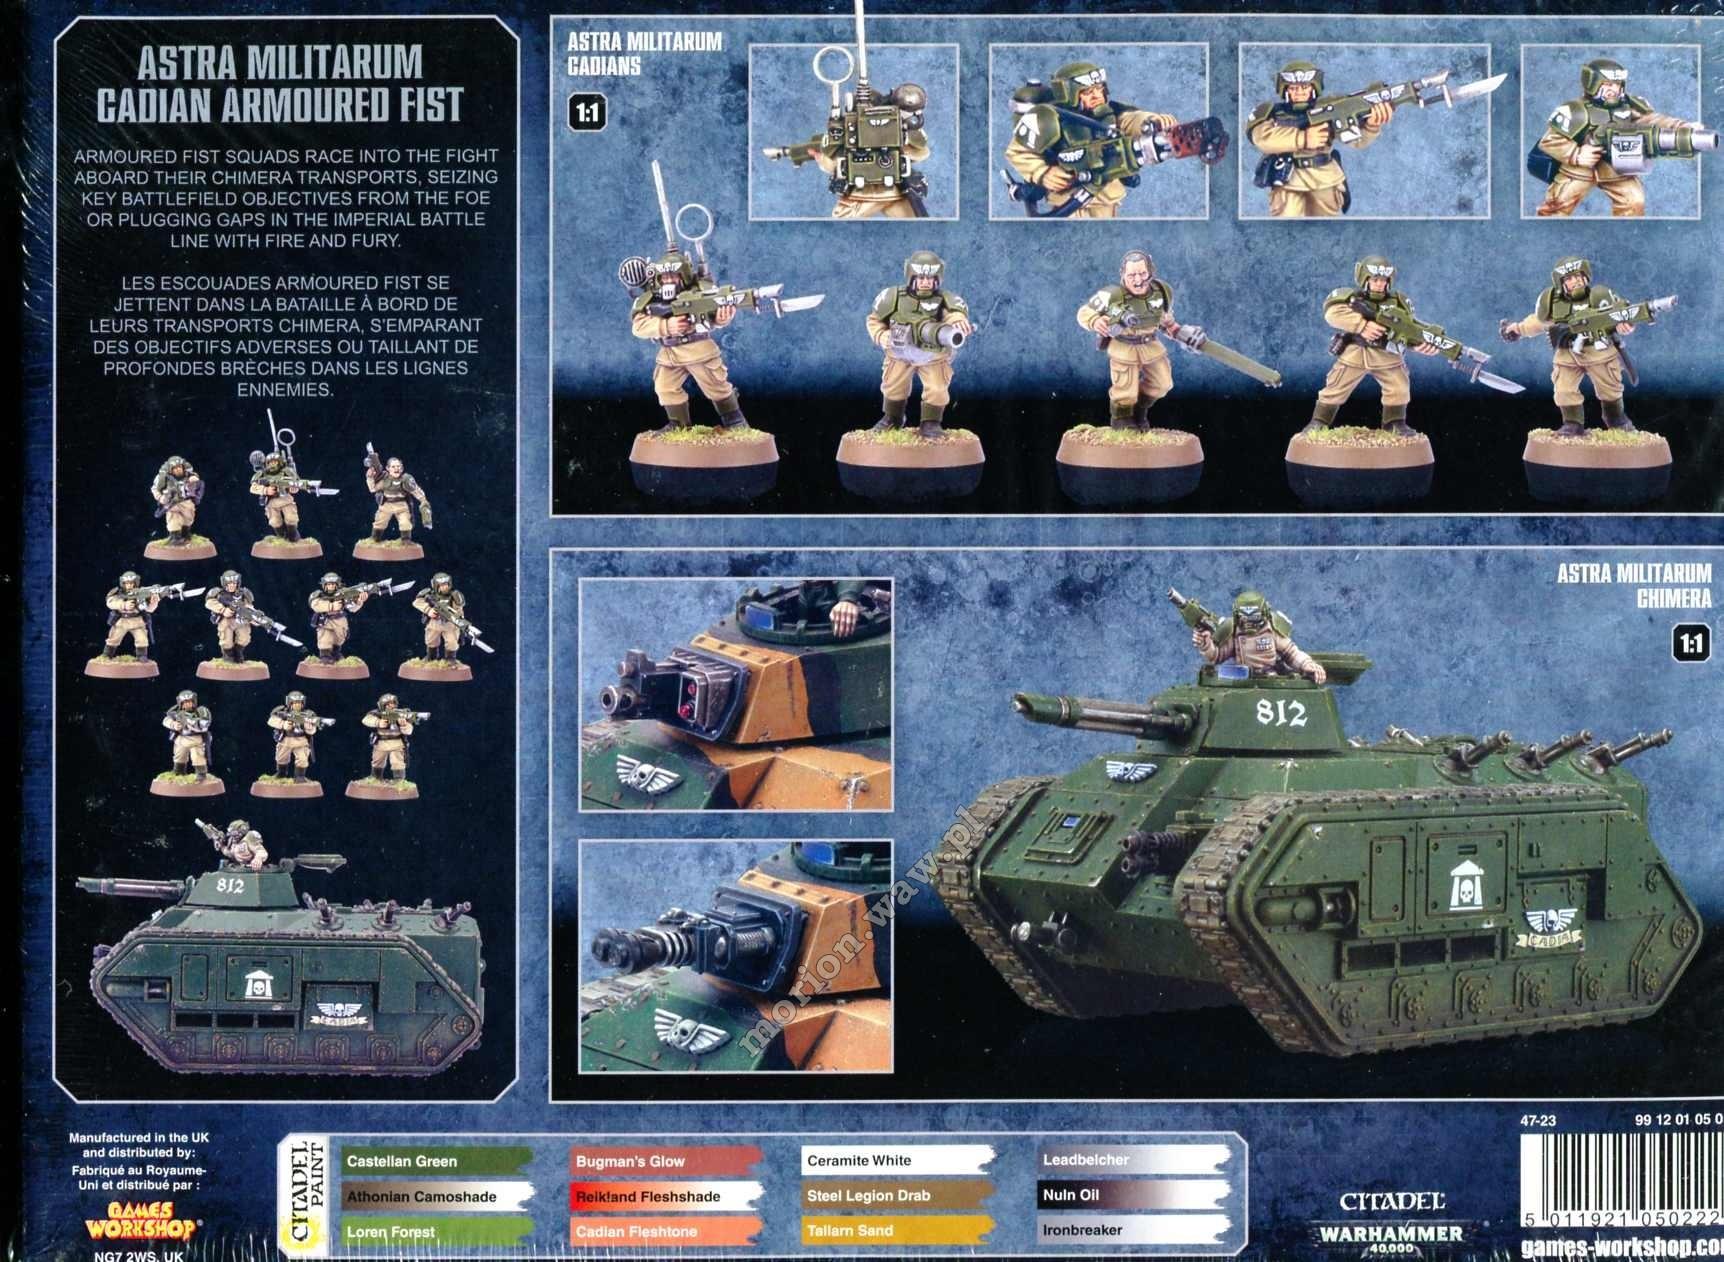 Pdf astra militarum